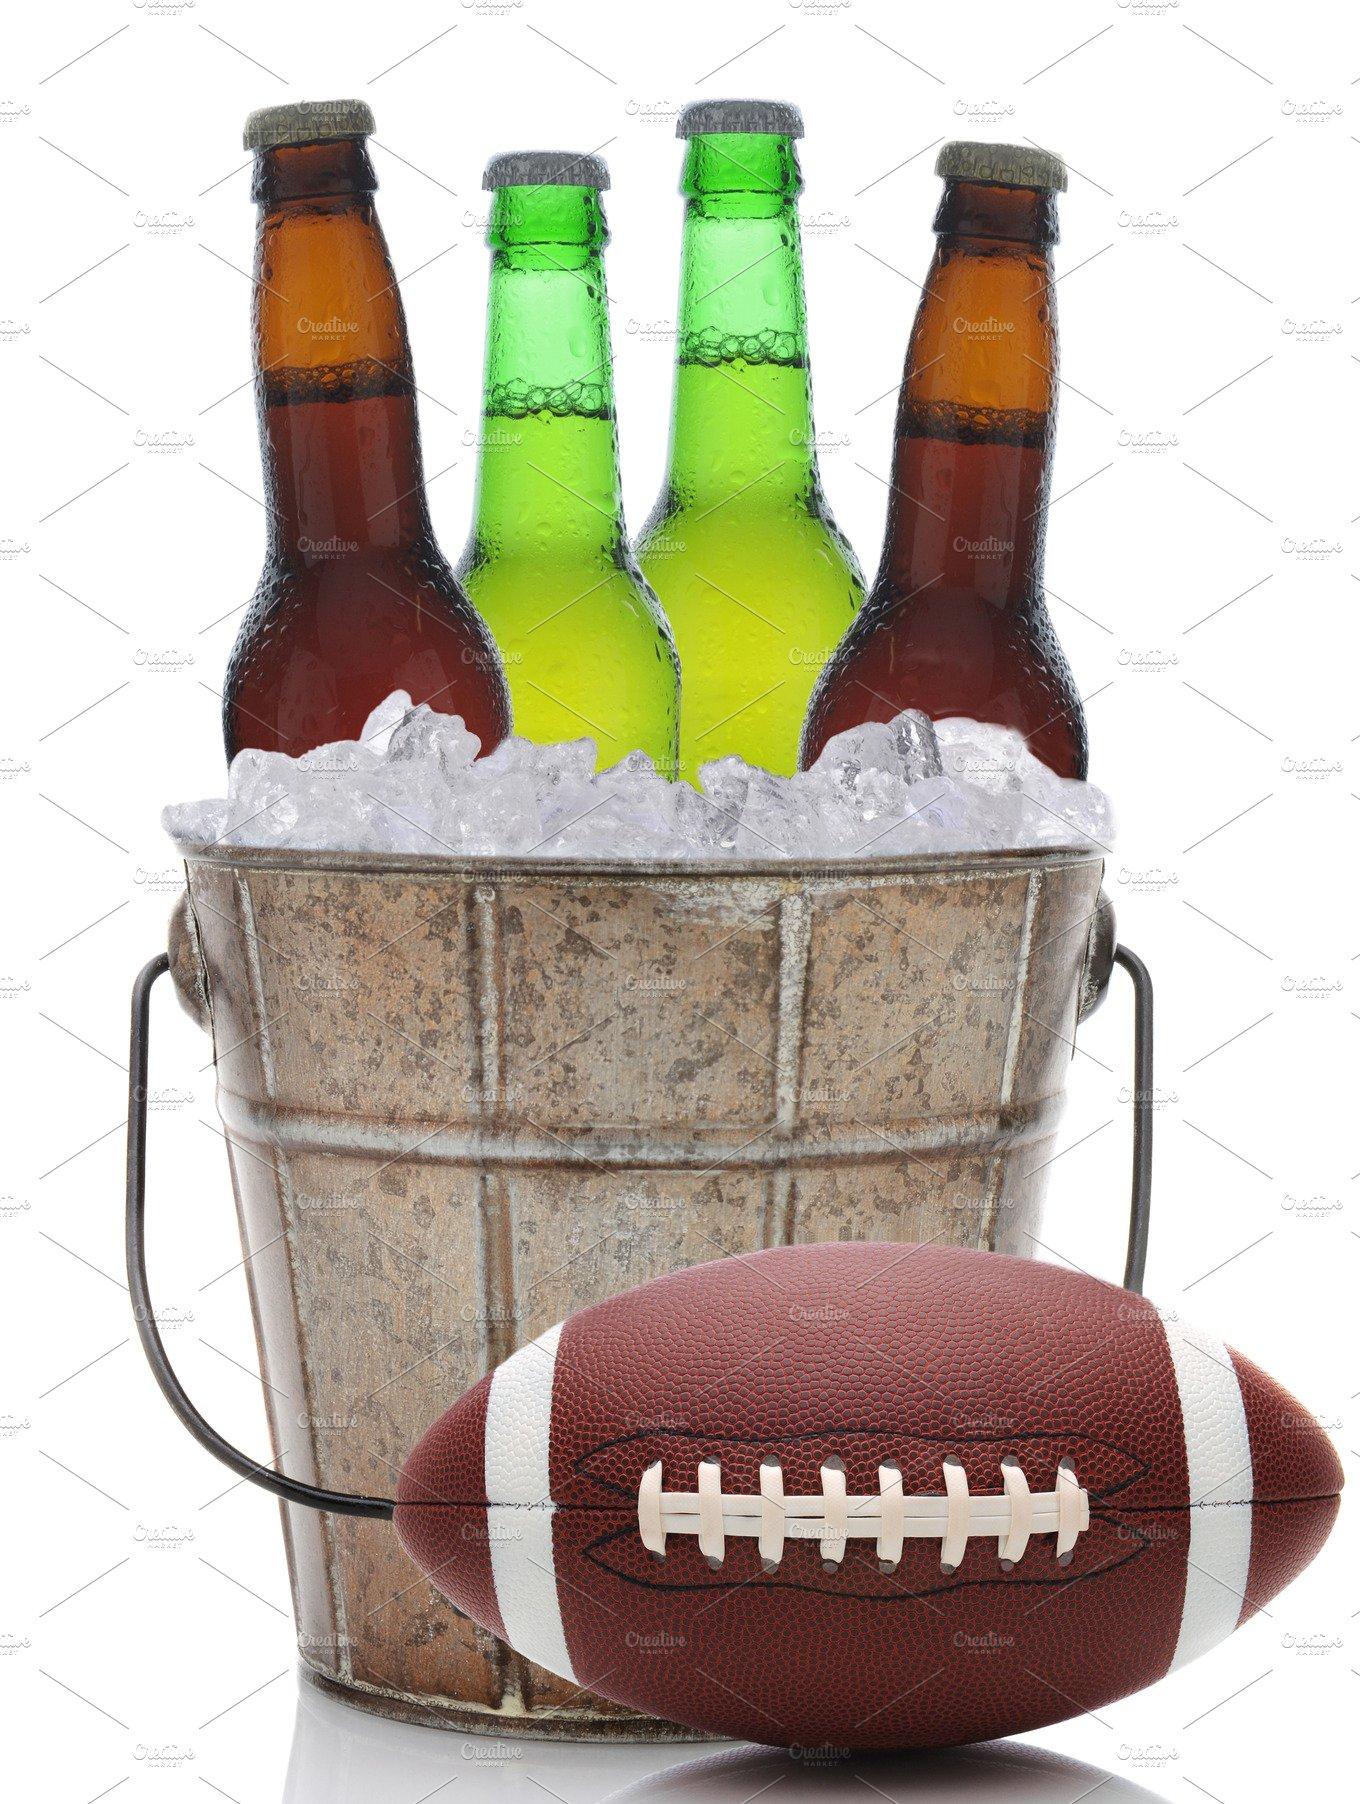 Beer Bucket with Football ~ Food & Drink Photos ~ Creative ...